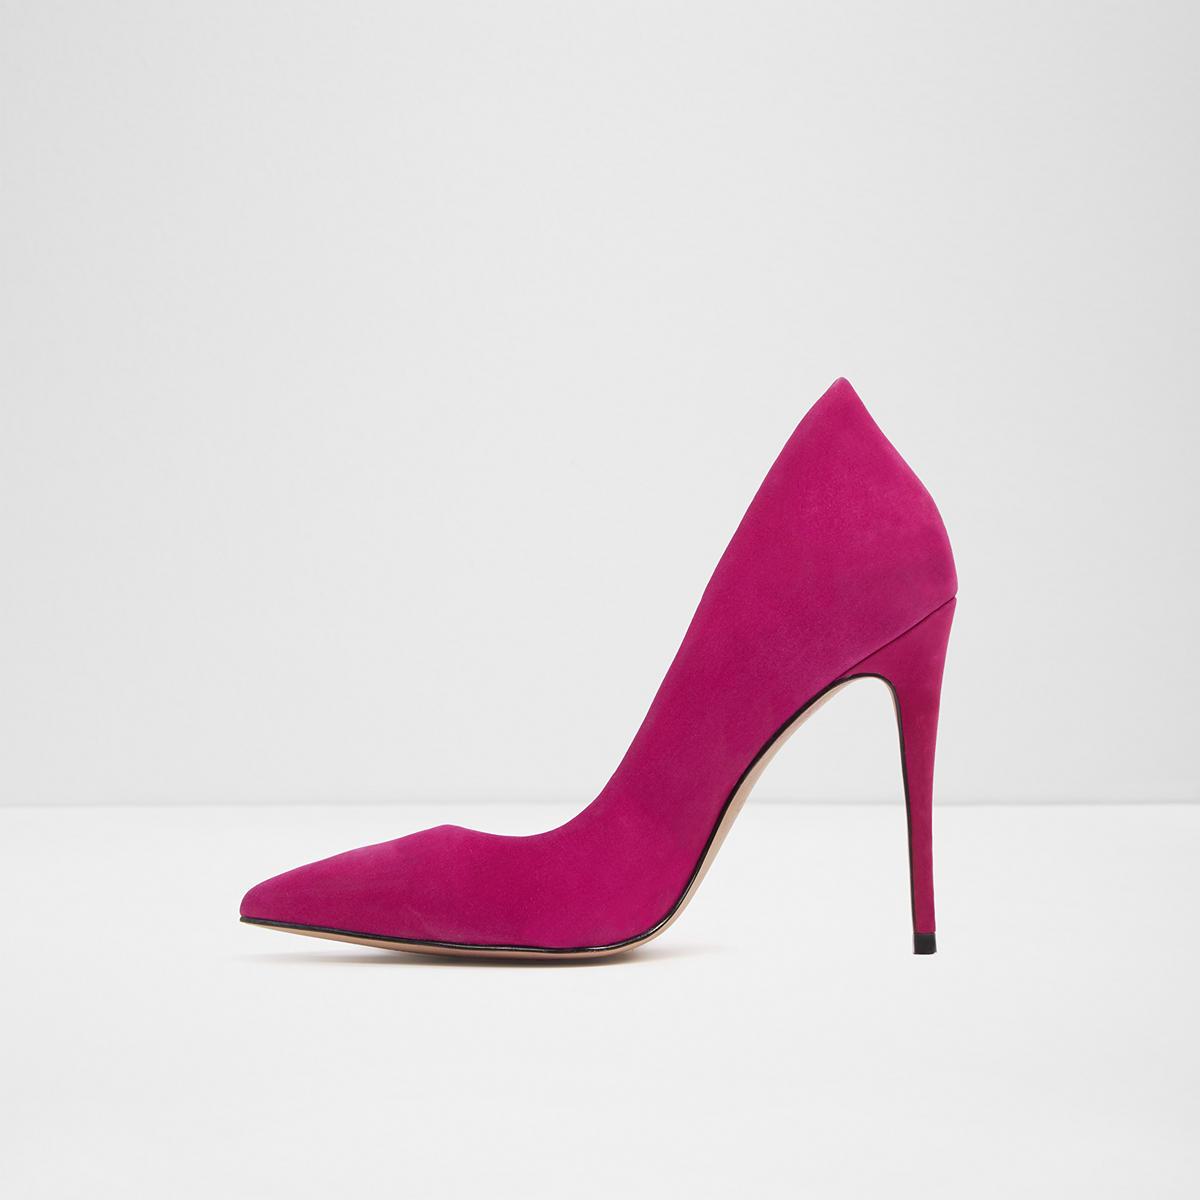 ALDOCASSEDY - High heels - fushia EdeqW